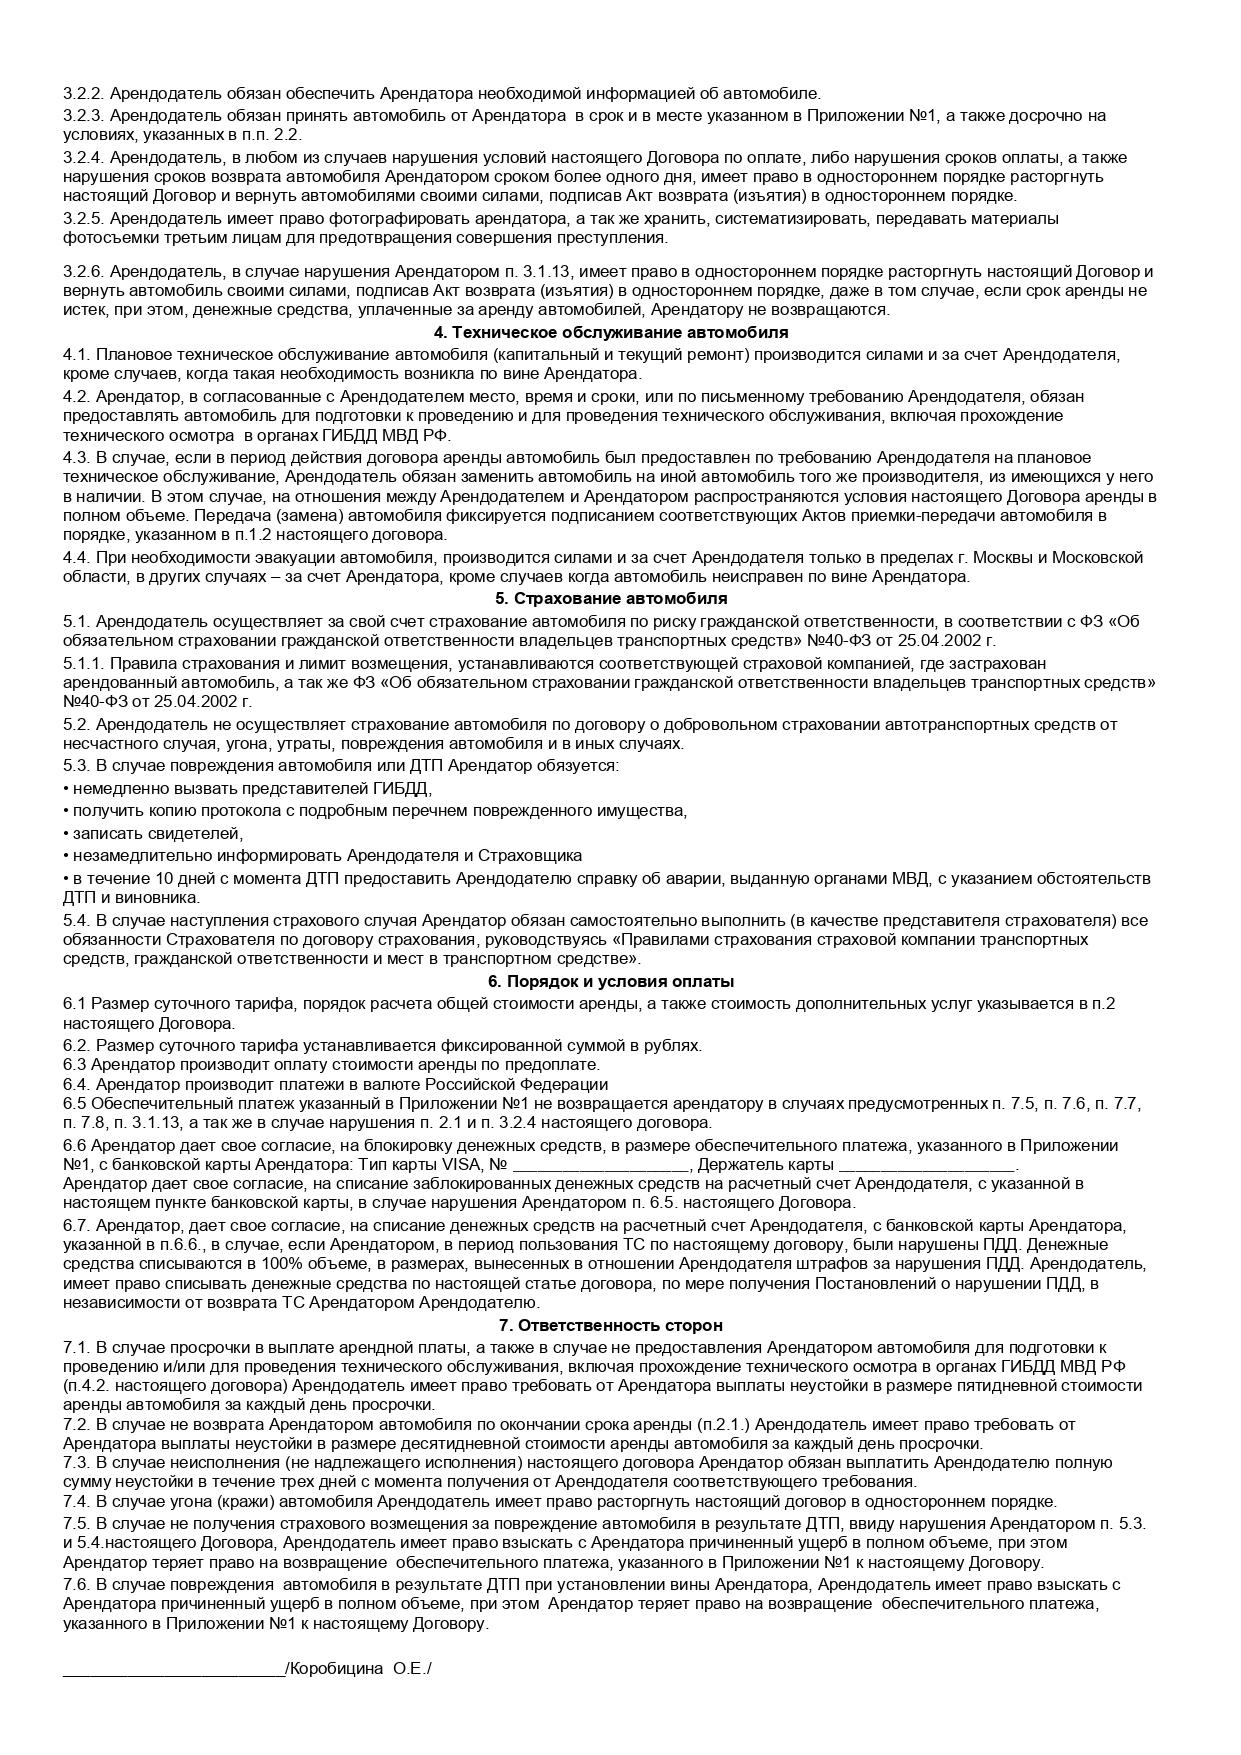 Пример договора BizRental лист 2